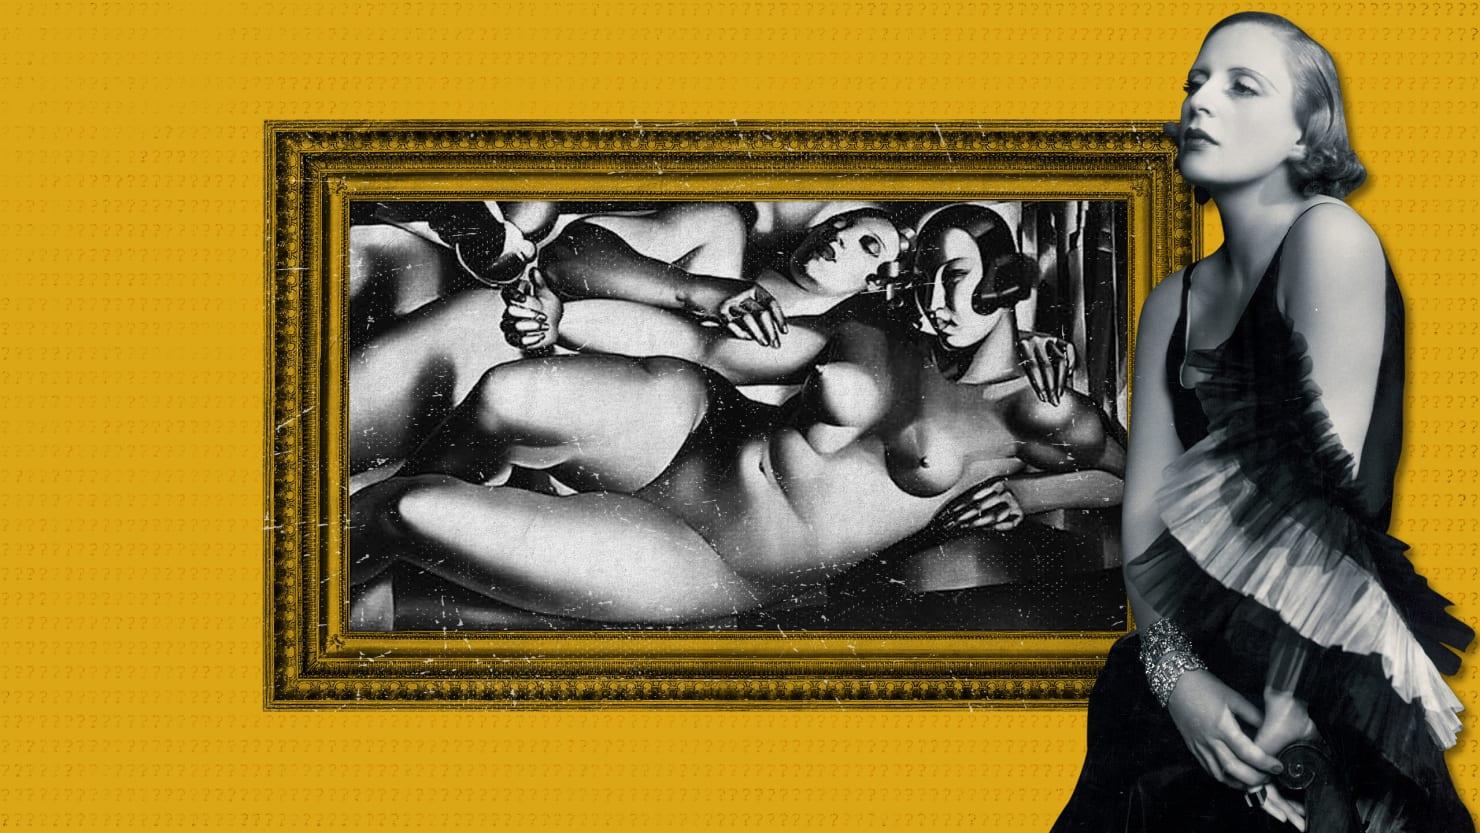 The Nazi Soldier Who Stole Tamara de Lempicka's Famous Female Nudes Portrait